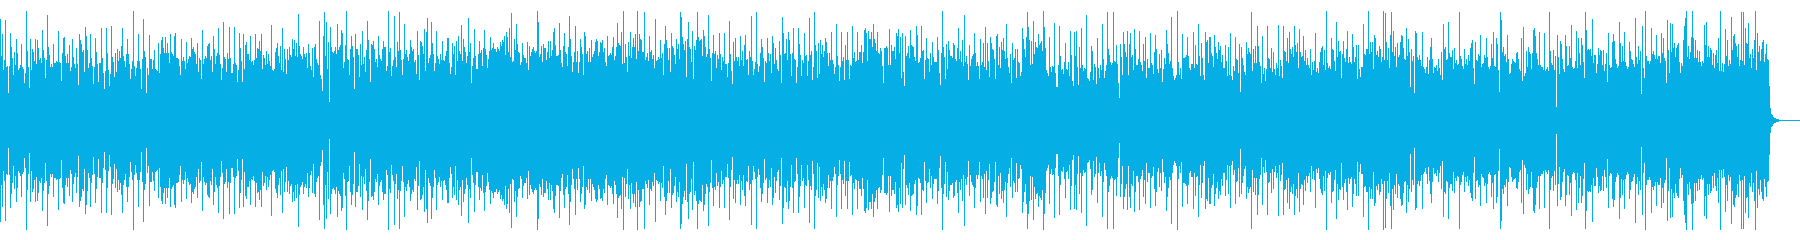 ヘヴィーなリフのロックの再生済みの波形